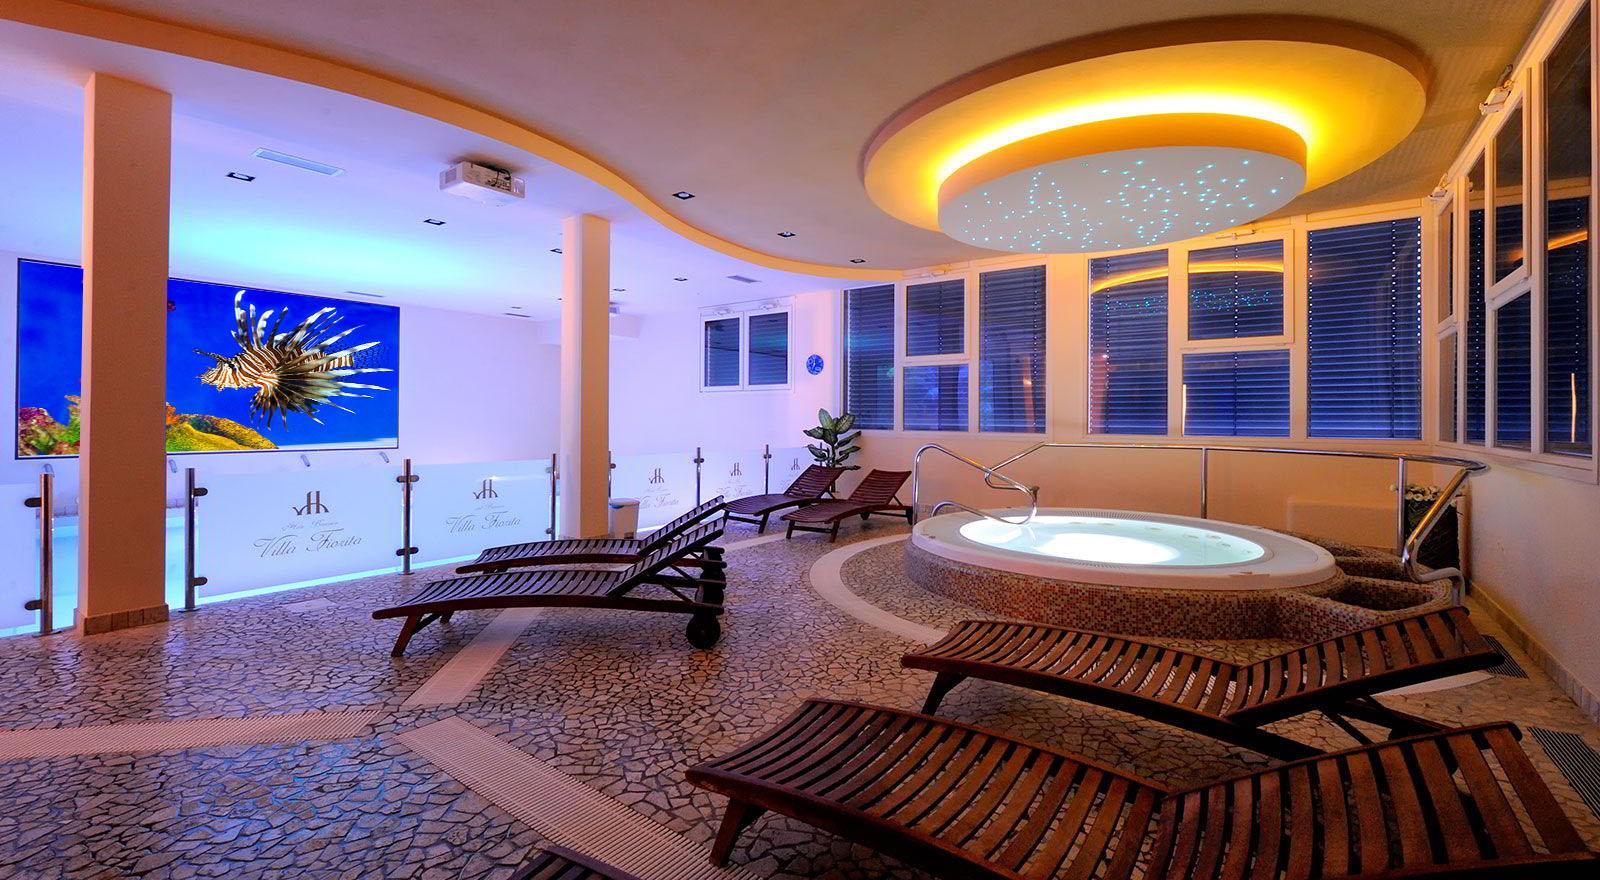 Hotel con spa in umbria umbria bimbo - Hotel con piscina umbria ...